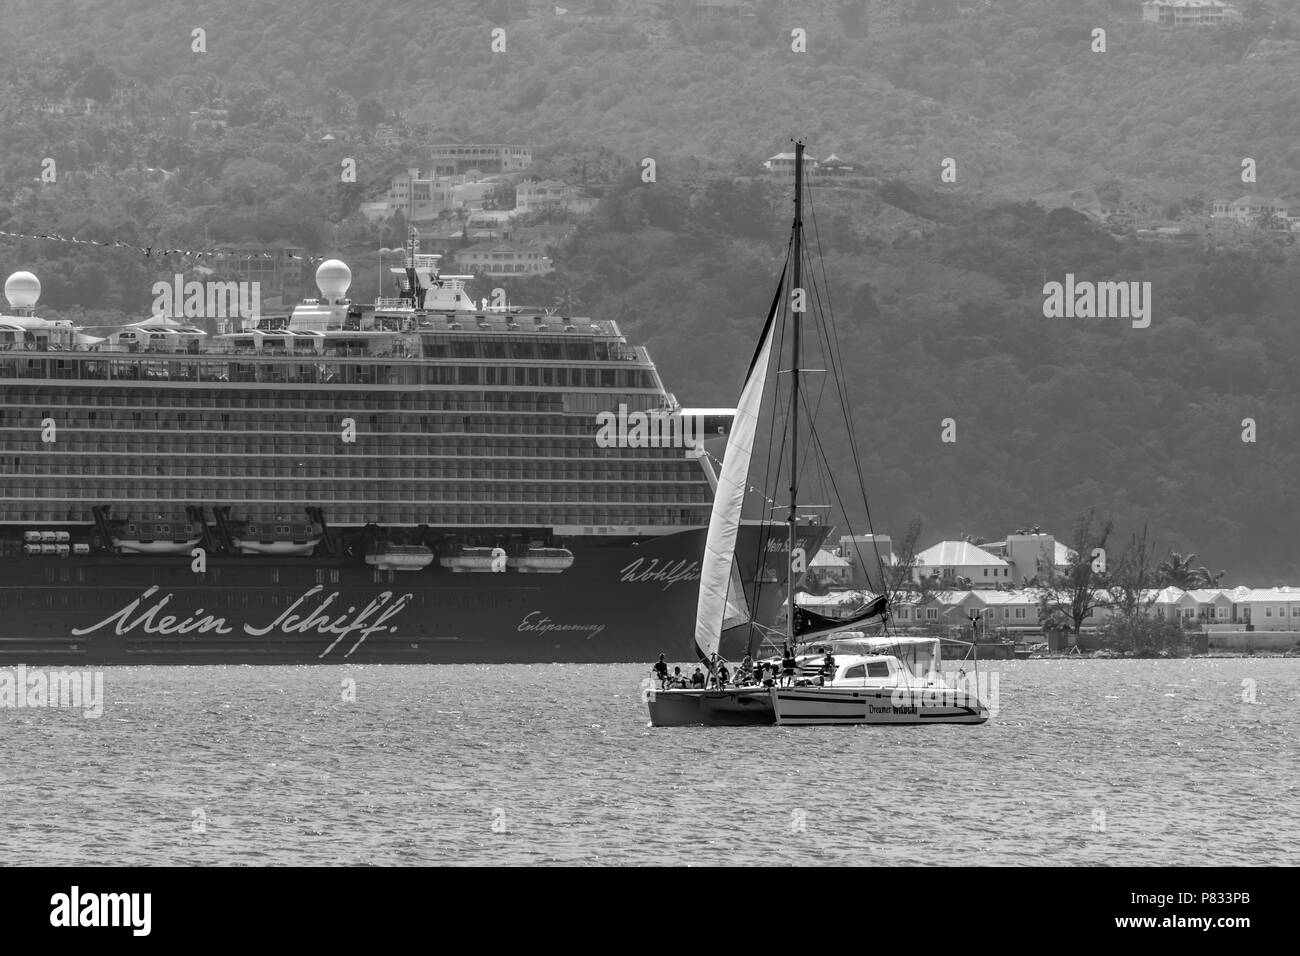 Montego Bay, Jamaica - March 19 2018: Mein Schiff Cruise Ship docked in Montego Bay, Jamaica - Stock Image